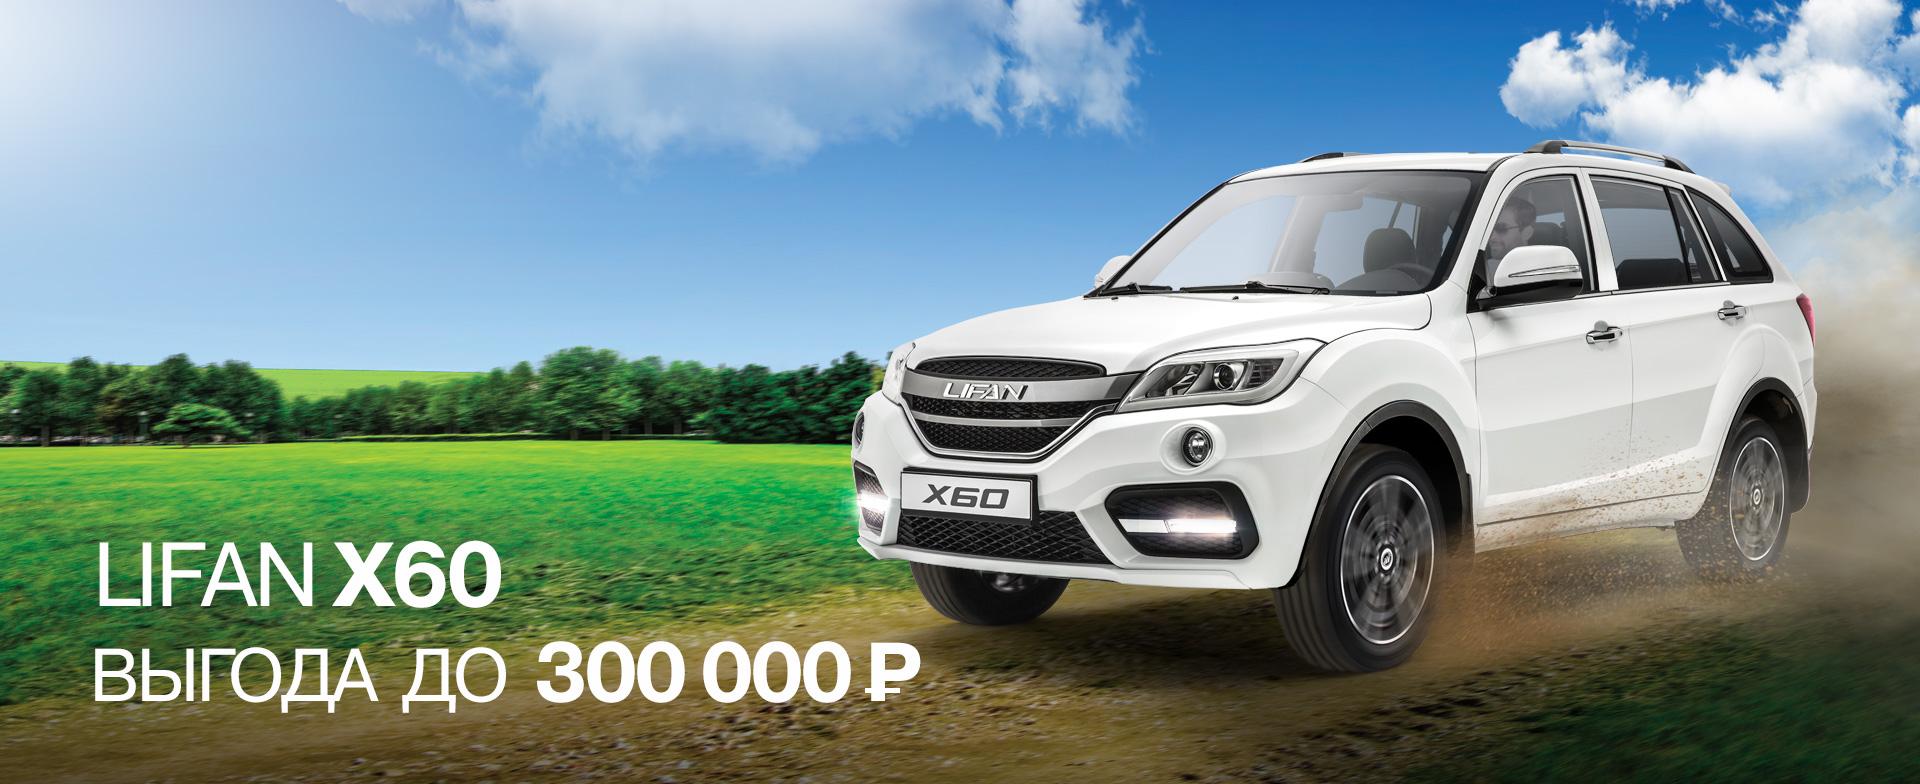 LIFAN X60 – ВЫГОДА ДО 300 000 РУБЛЕЙ.